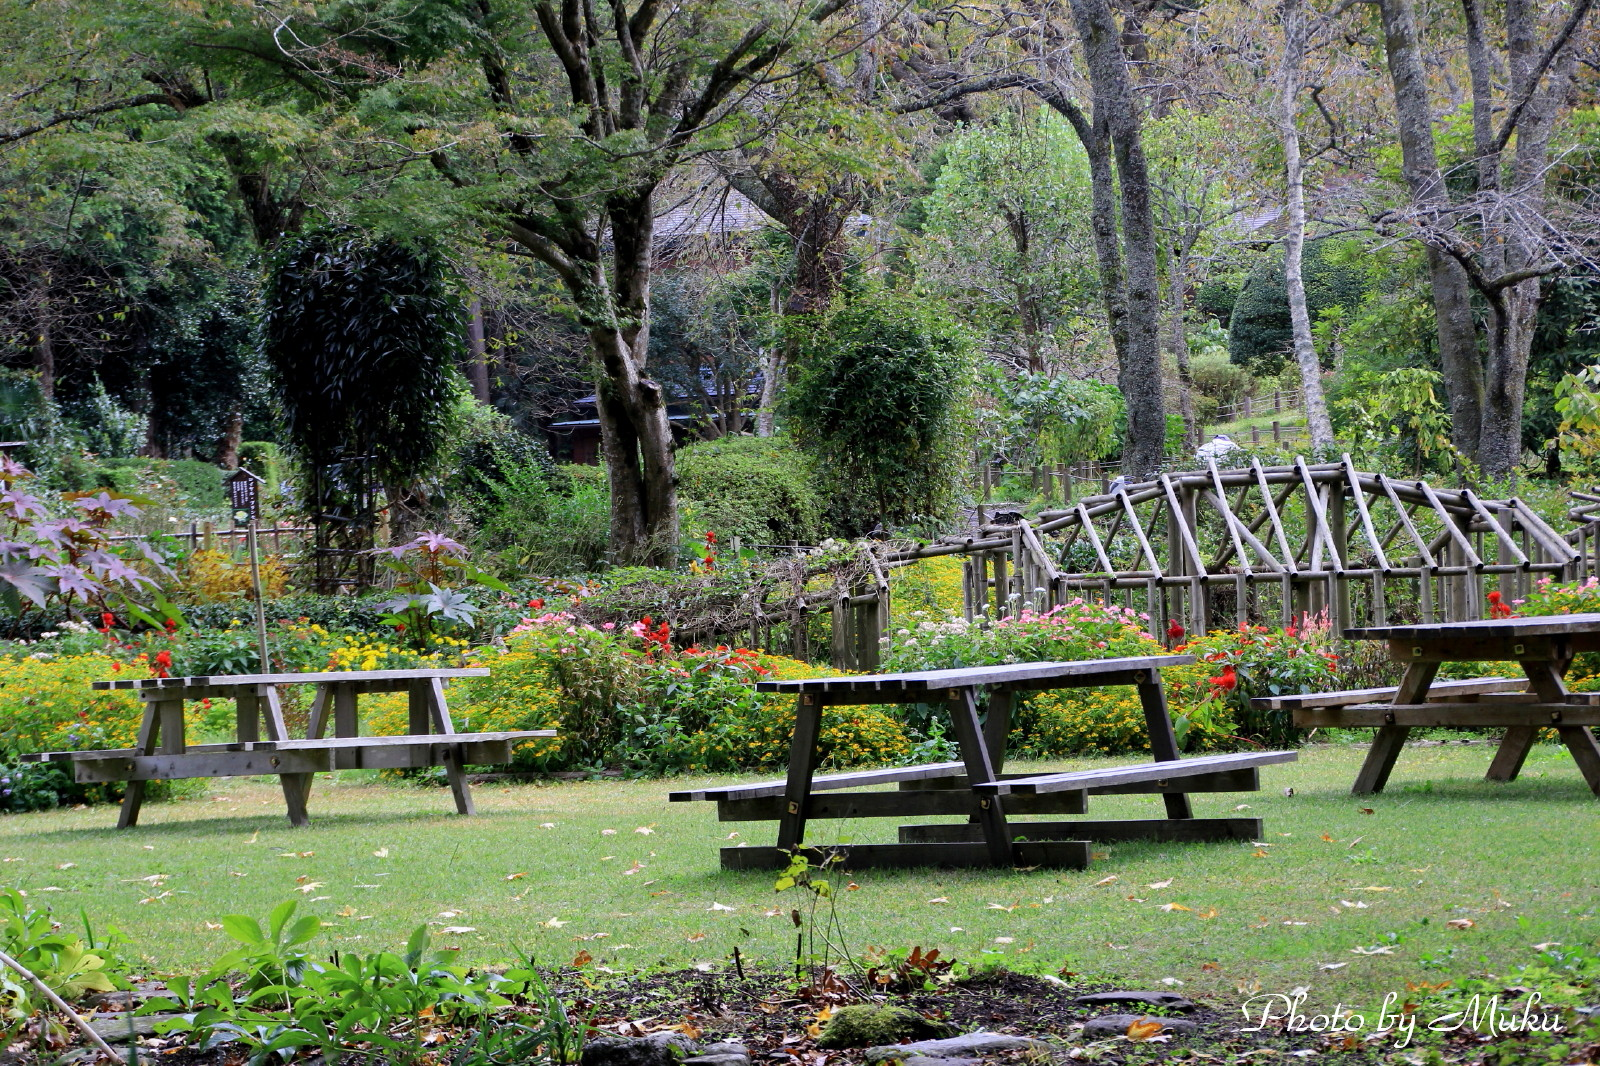 2014.10.20 秩父宮記念公園 (静岡県御殿場市)